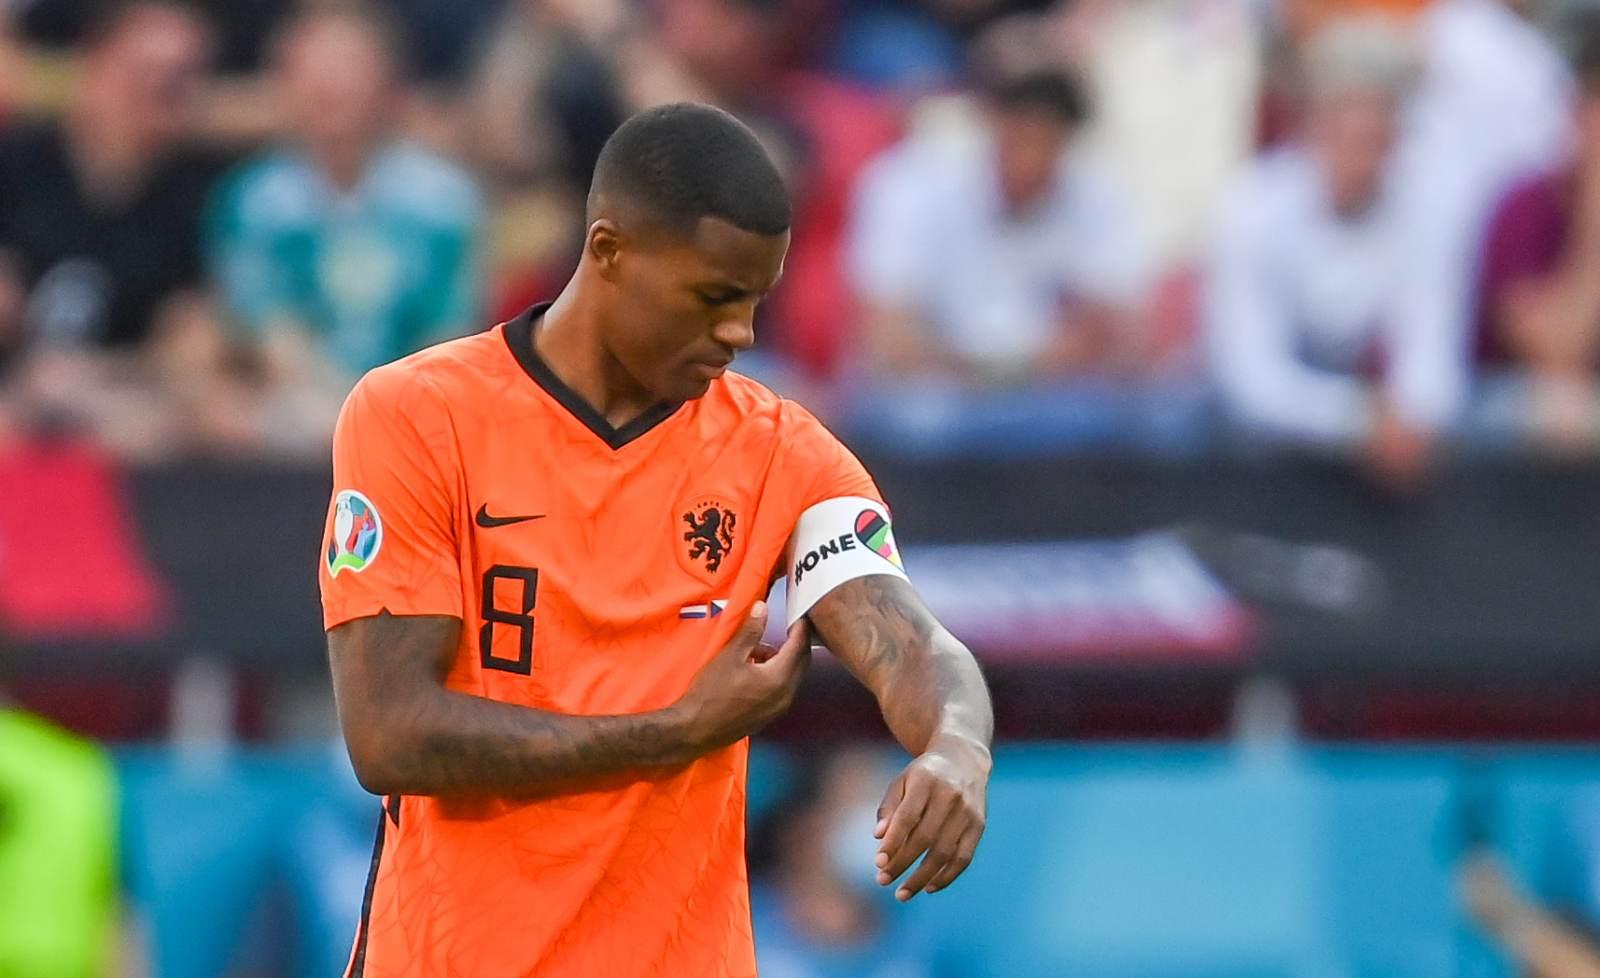 Вейналдум извинился перед фанатами сборной Голландии